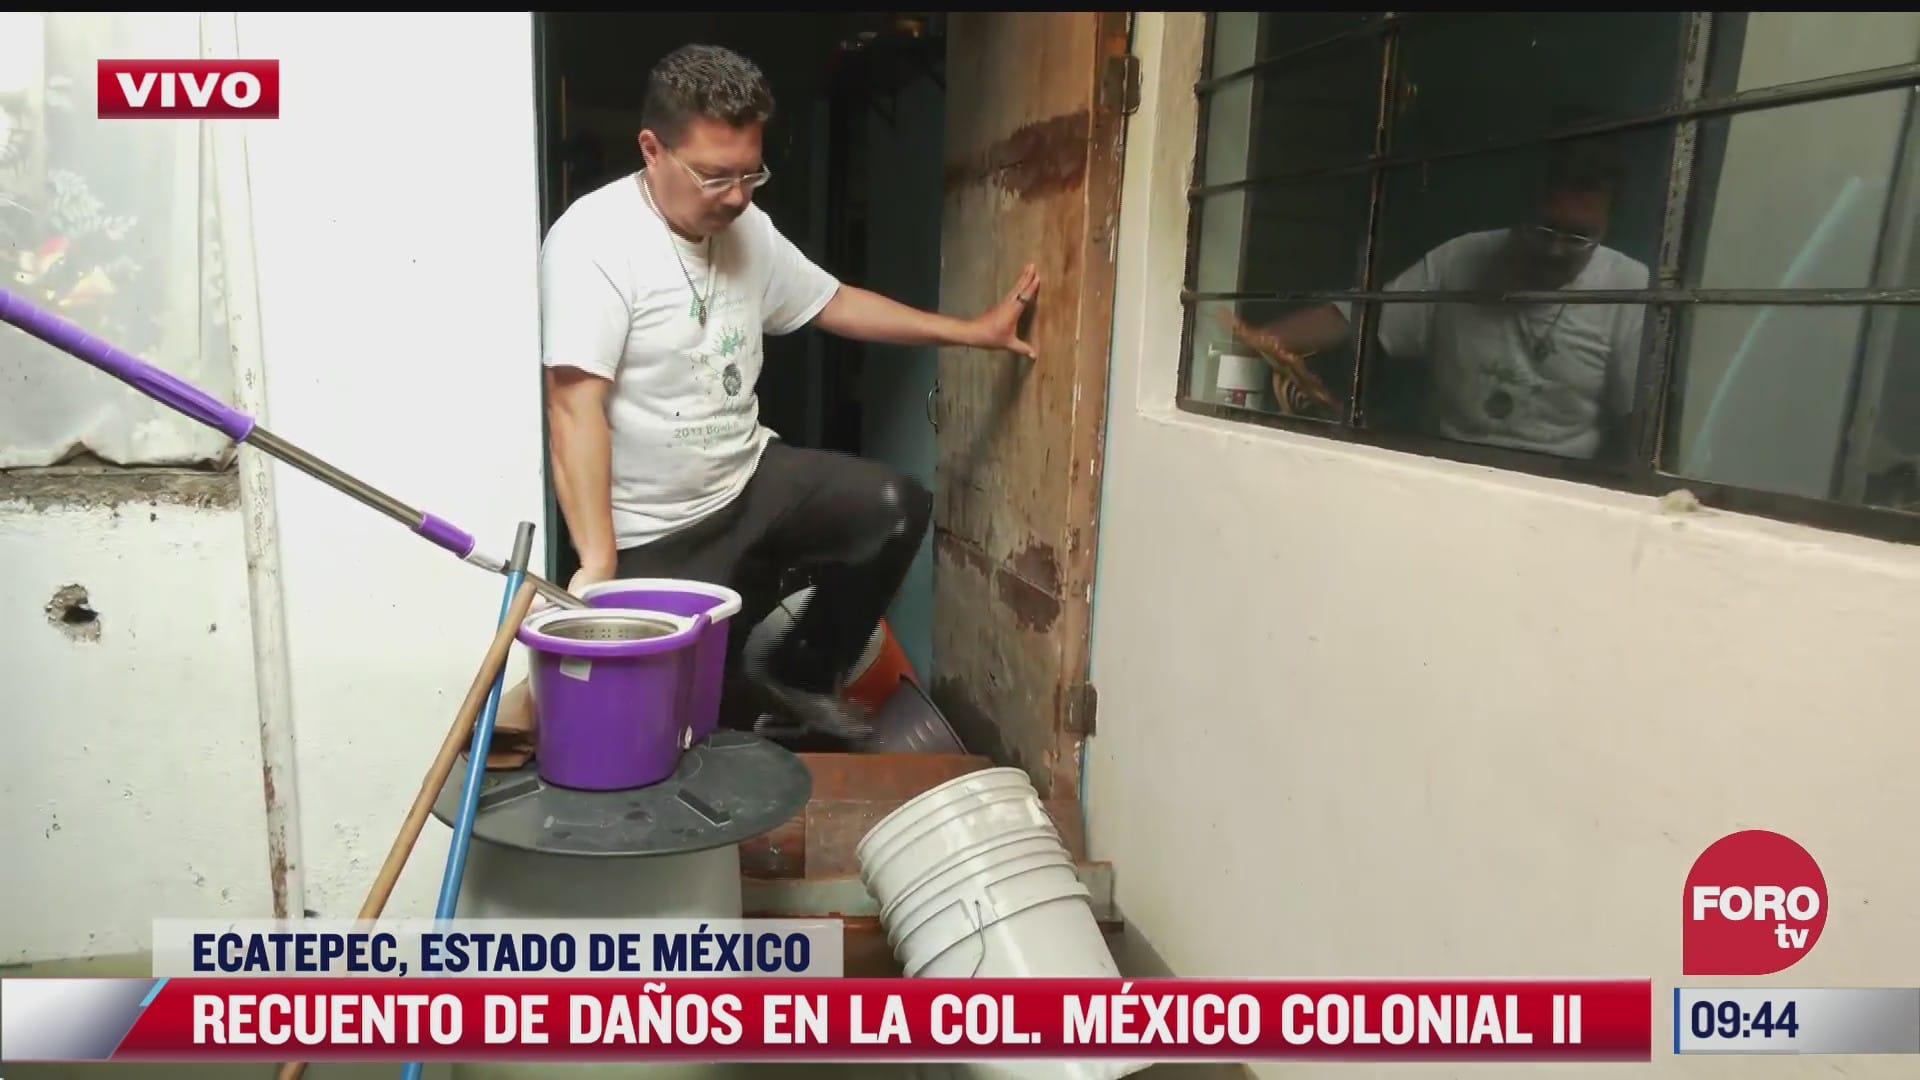 perdi todas mis cosas comenta javier senor afectado por inundaciones en ecatepec